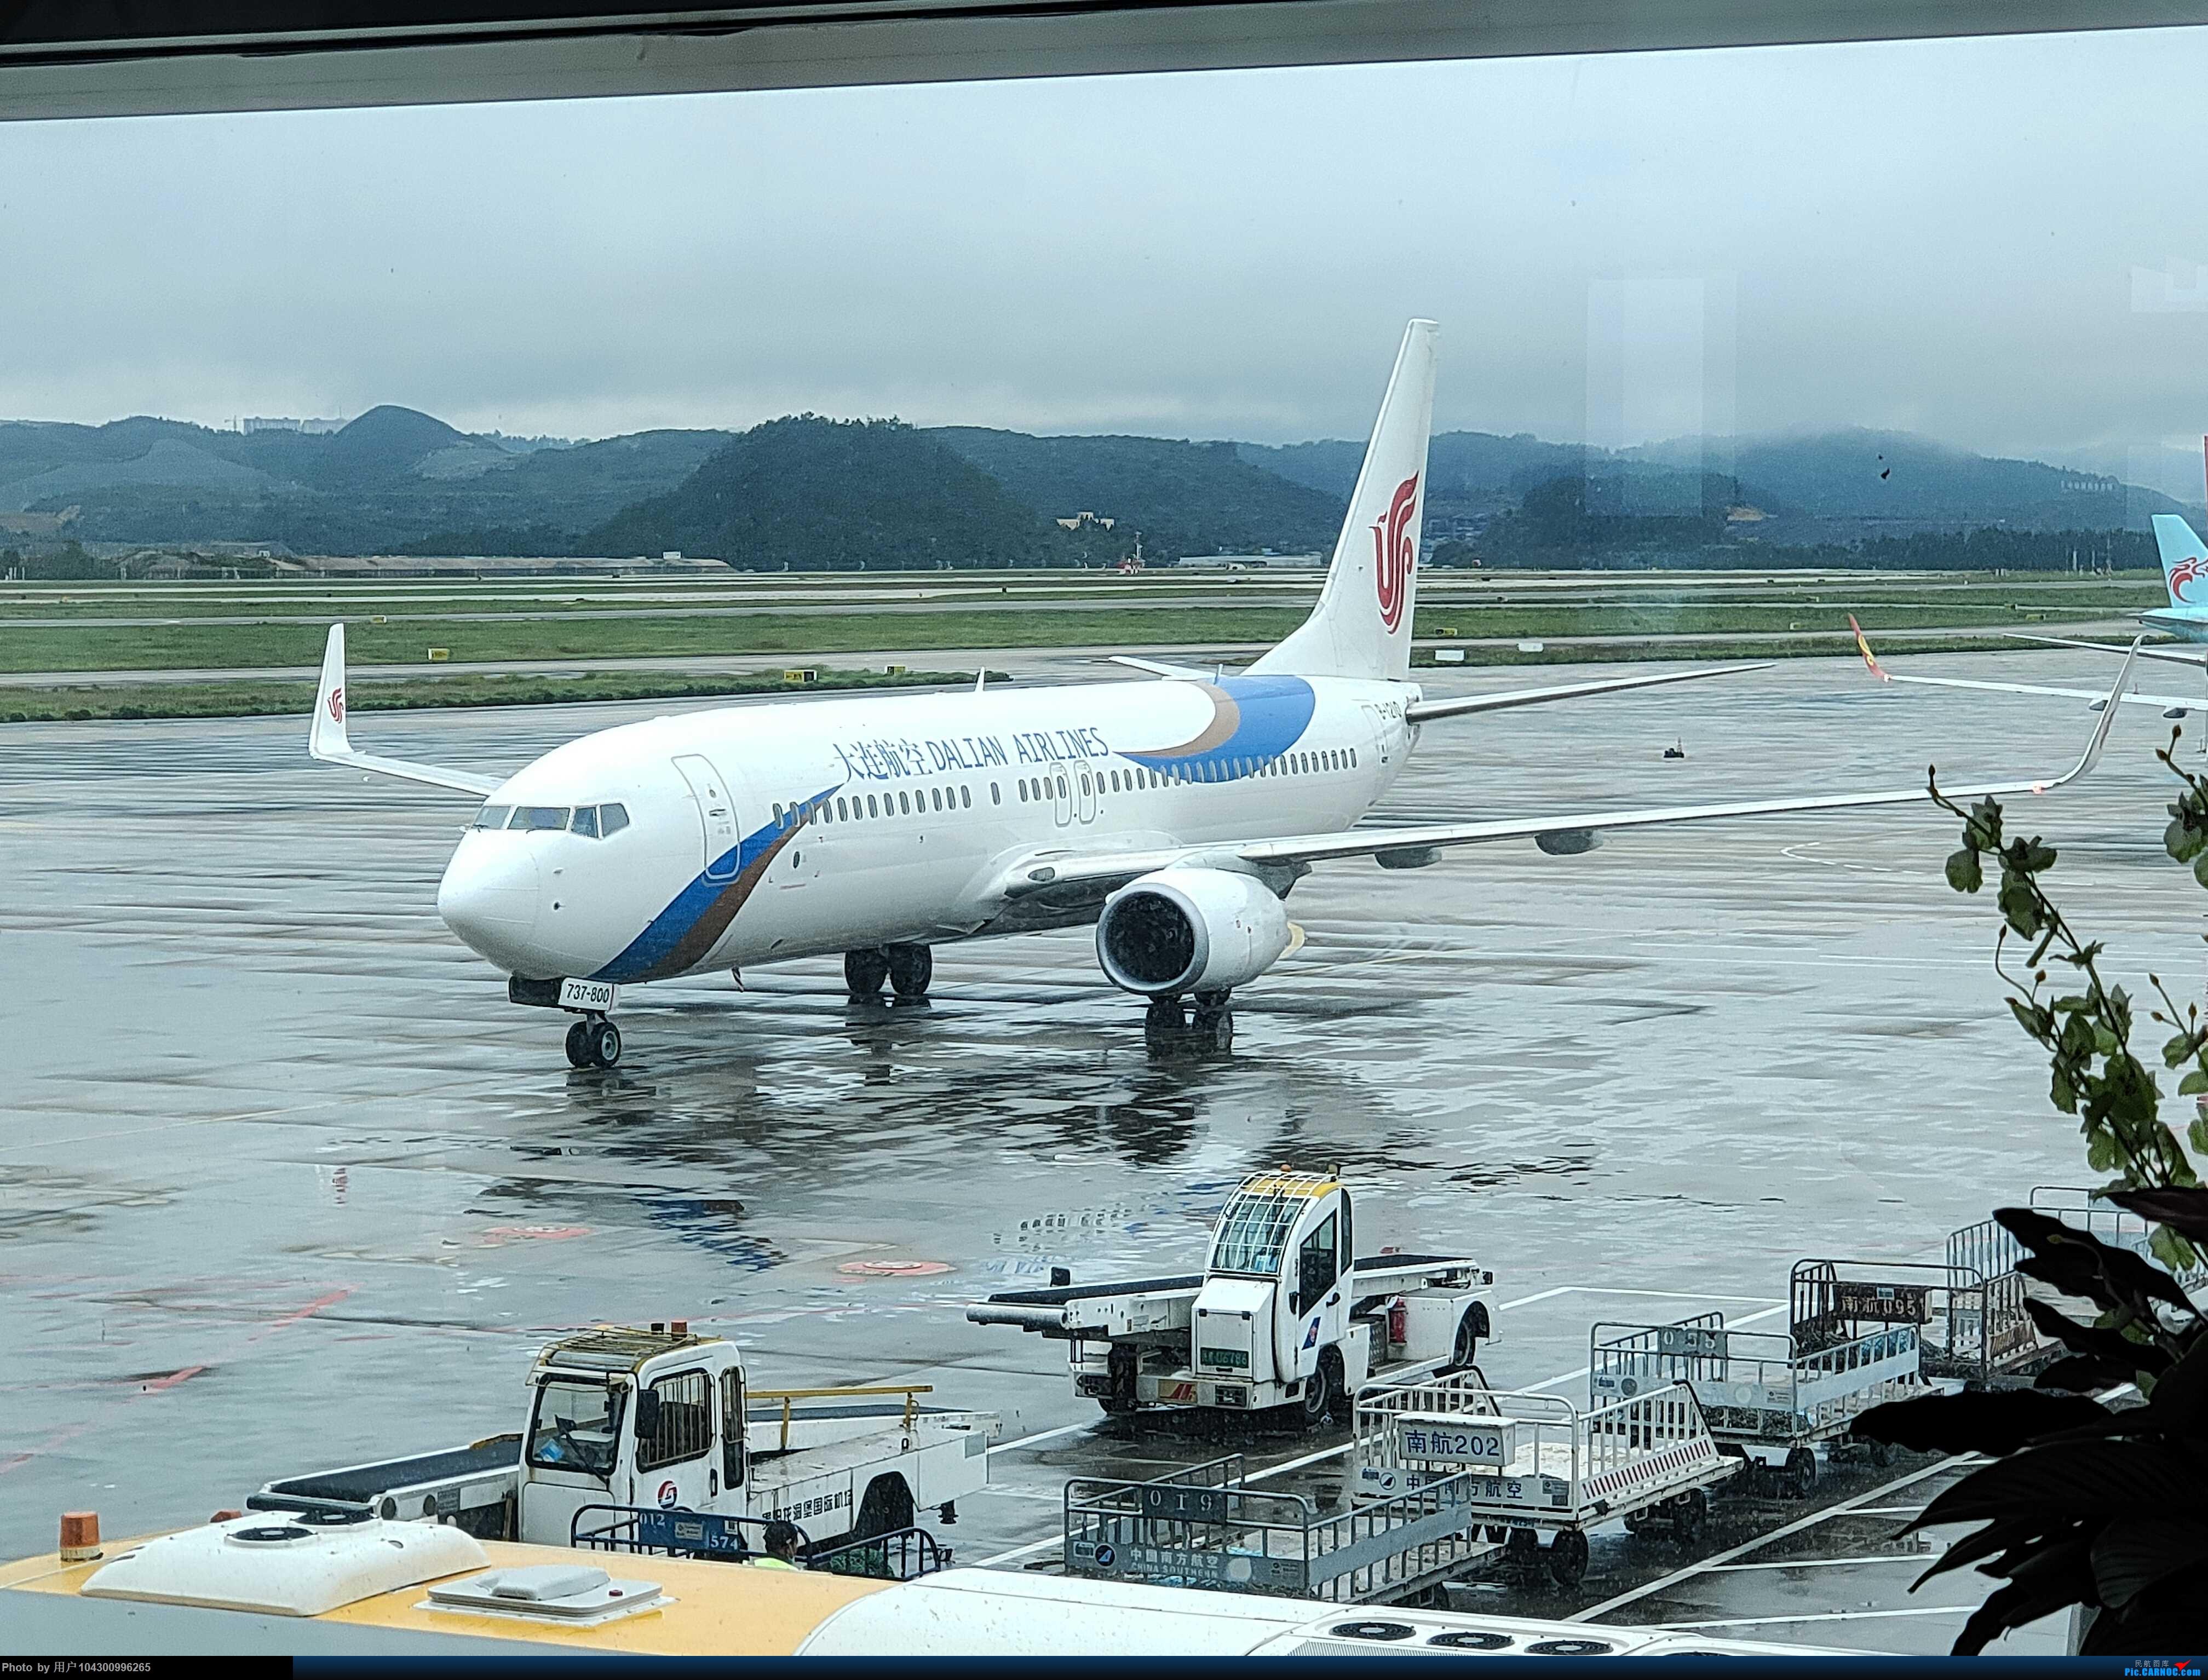 Re:[原创]DM国庆游记之G5贵阳-黎平往返 BOEING 737-800 B-1210 中国贵阳龙洞堡国际机场